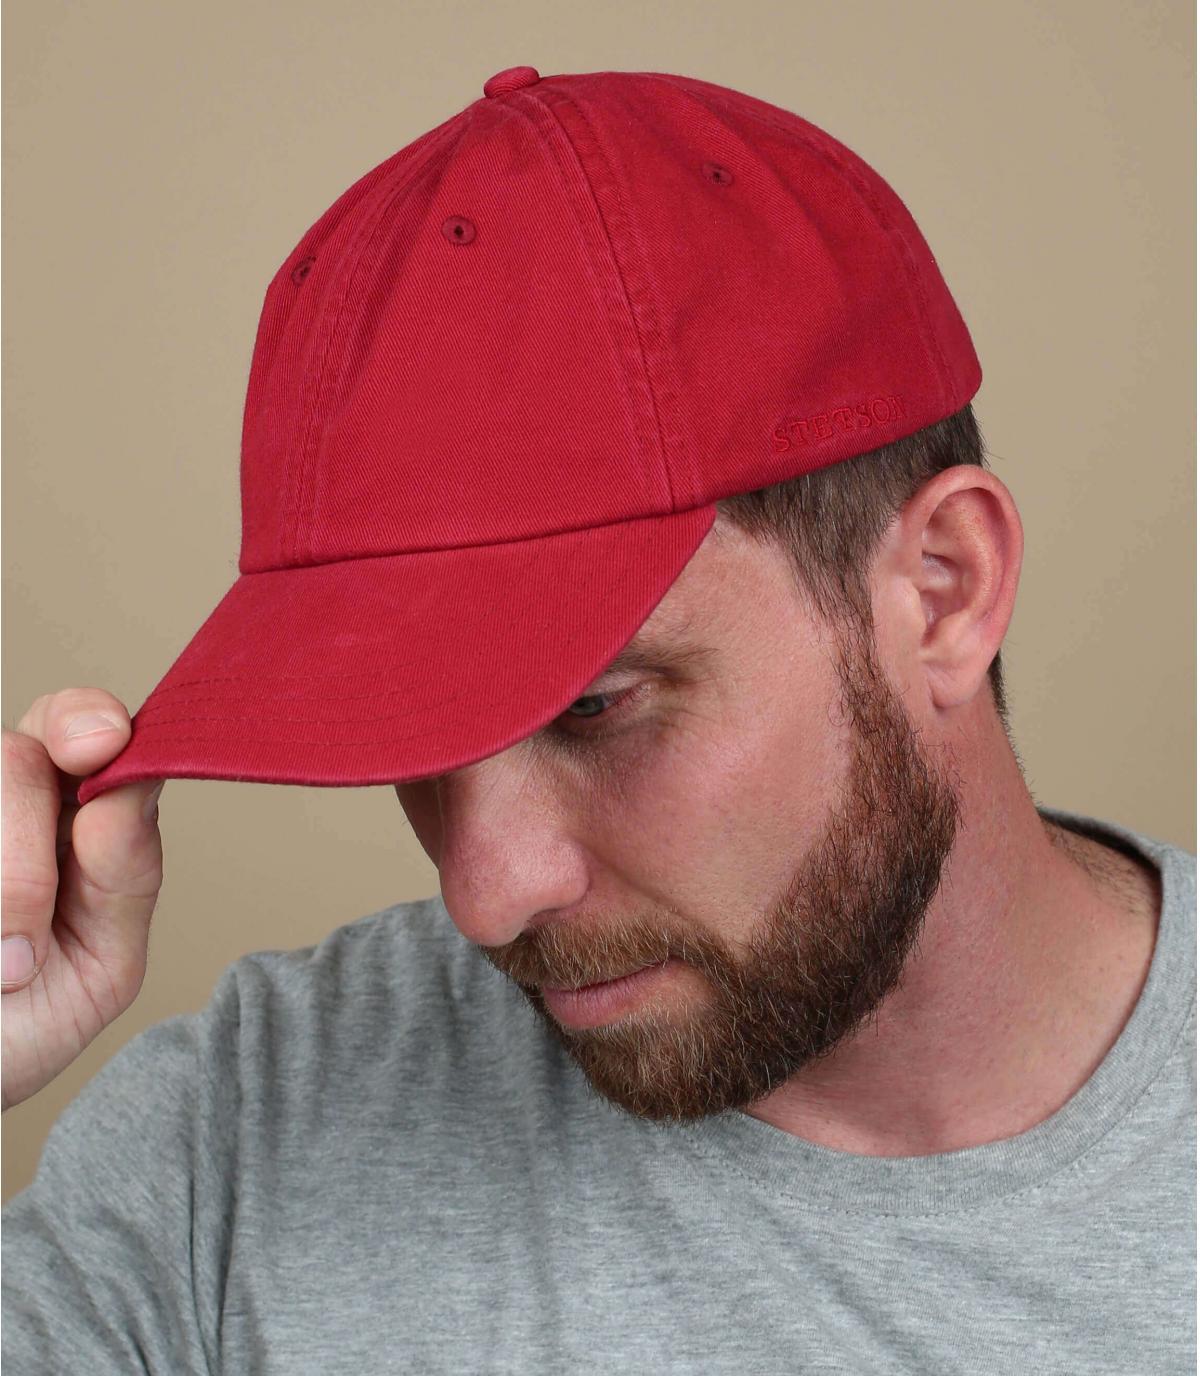 Stetson rood baseball cap